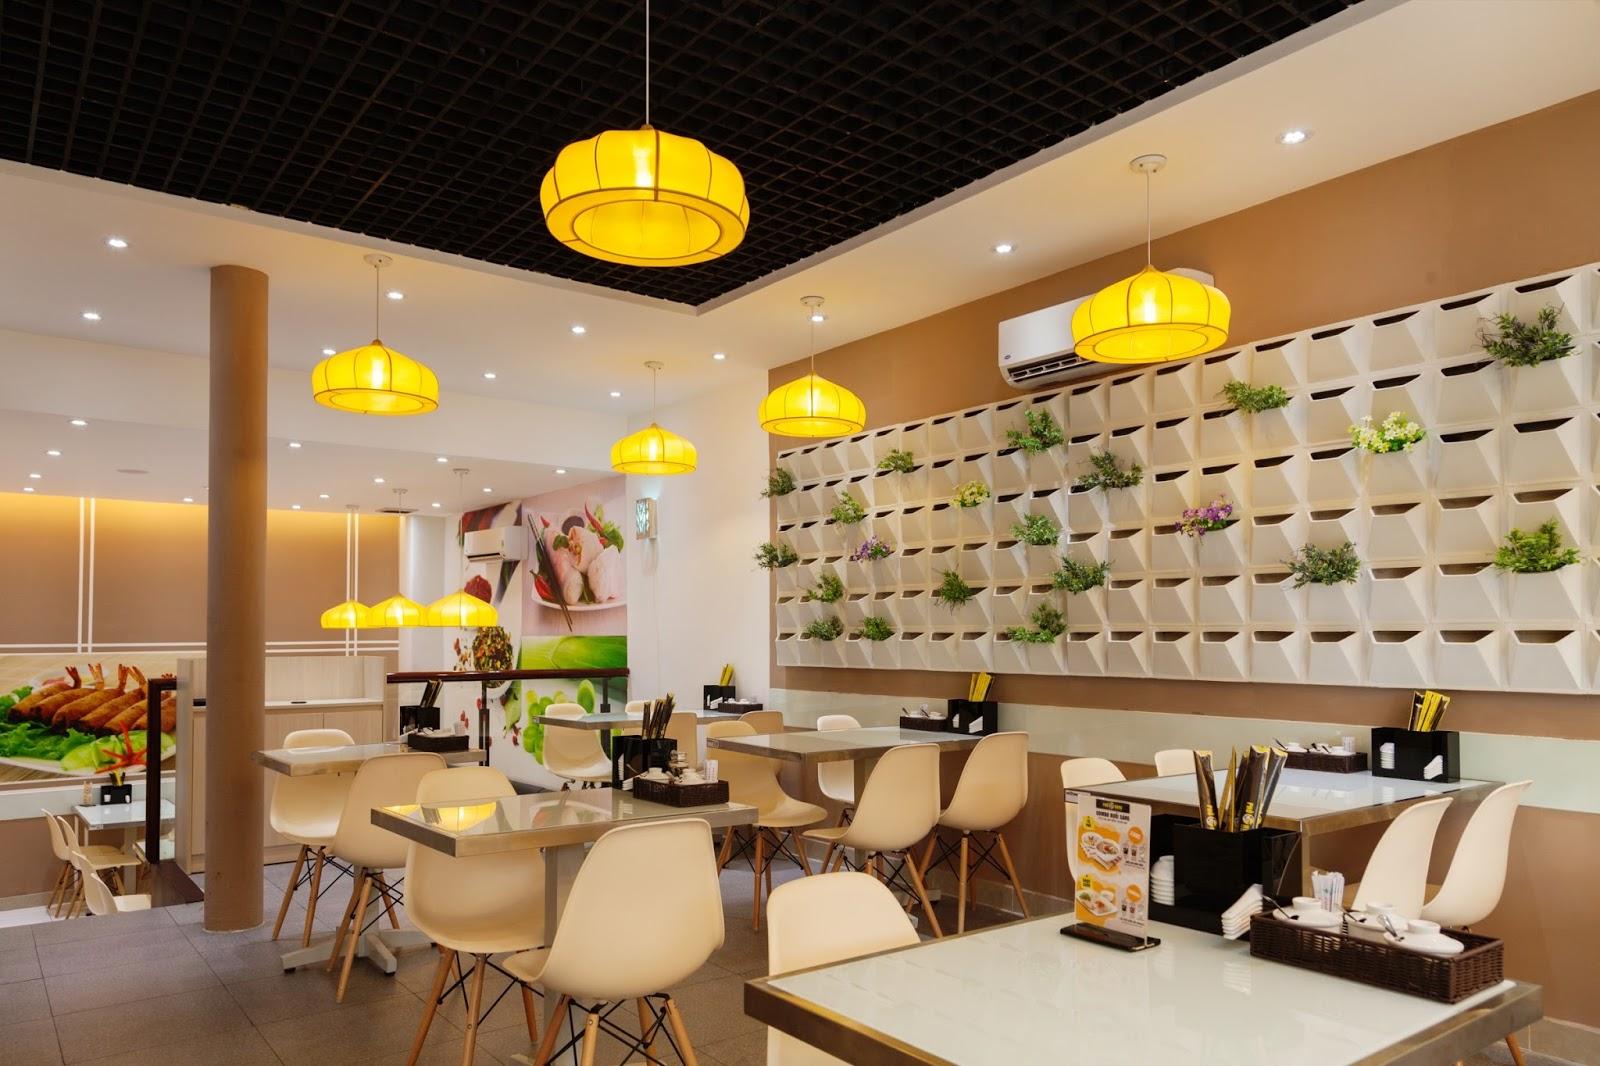 iêu-chuẩn-thiết-kế-nhà-hàng-ăn-uống 3